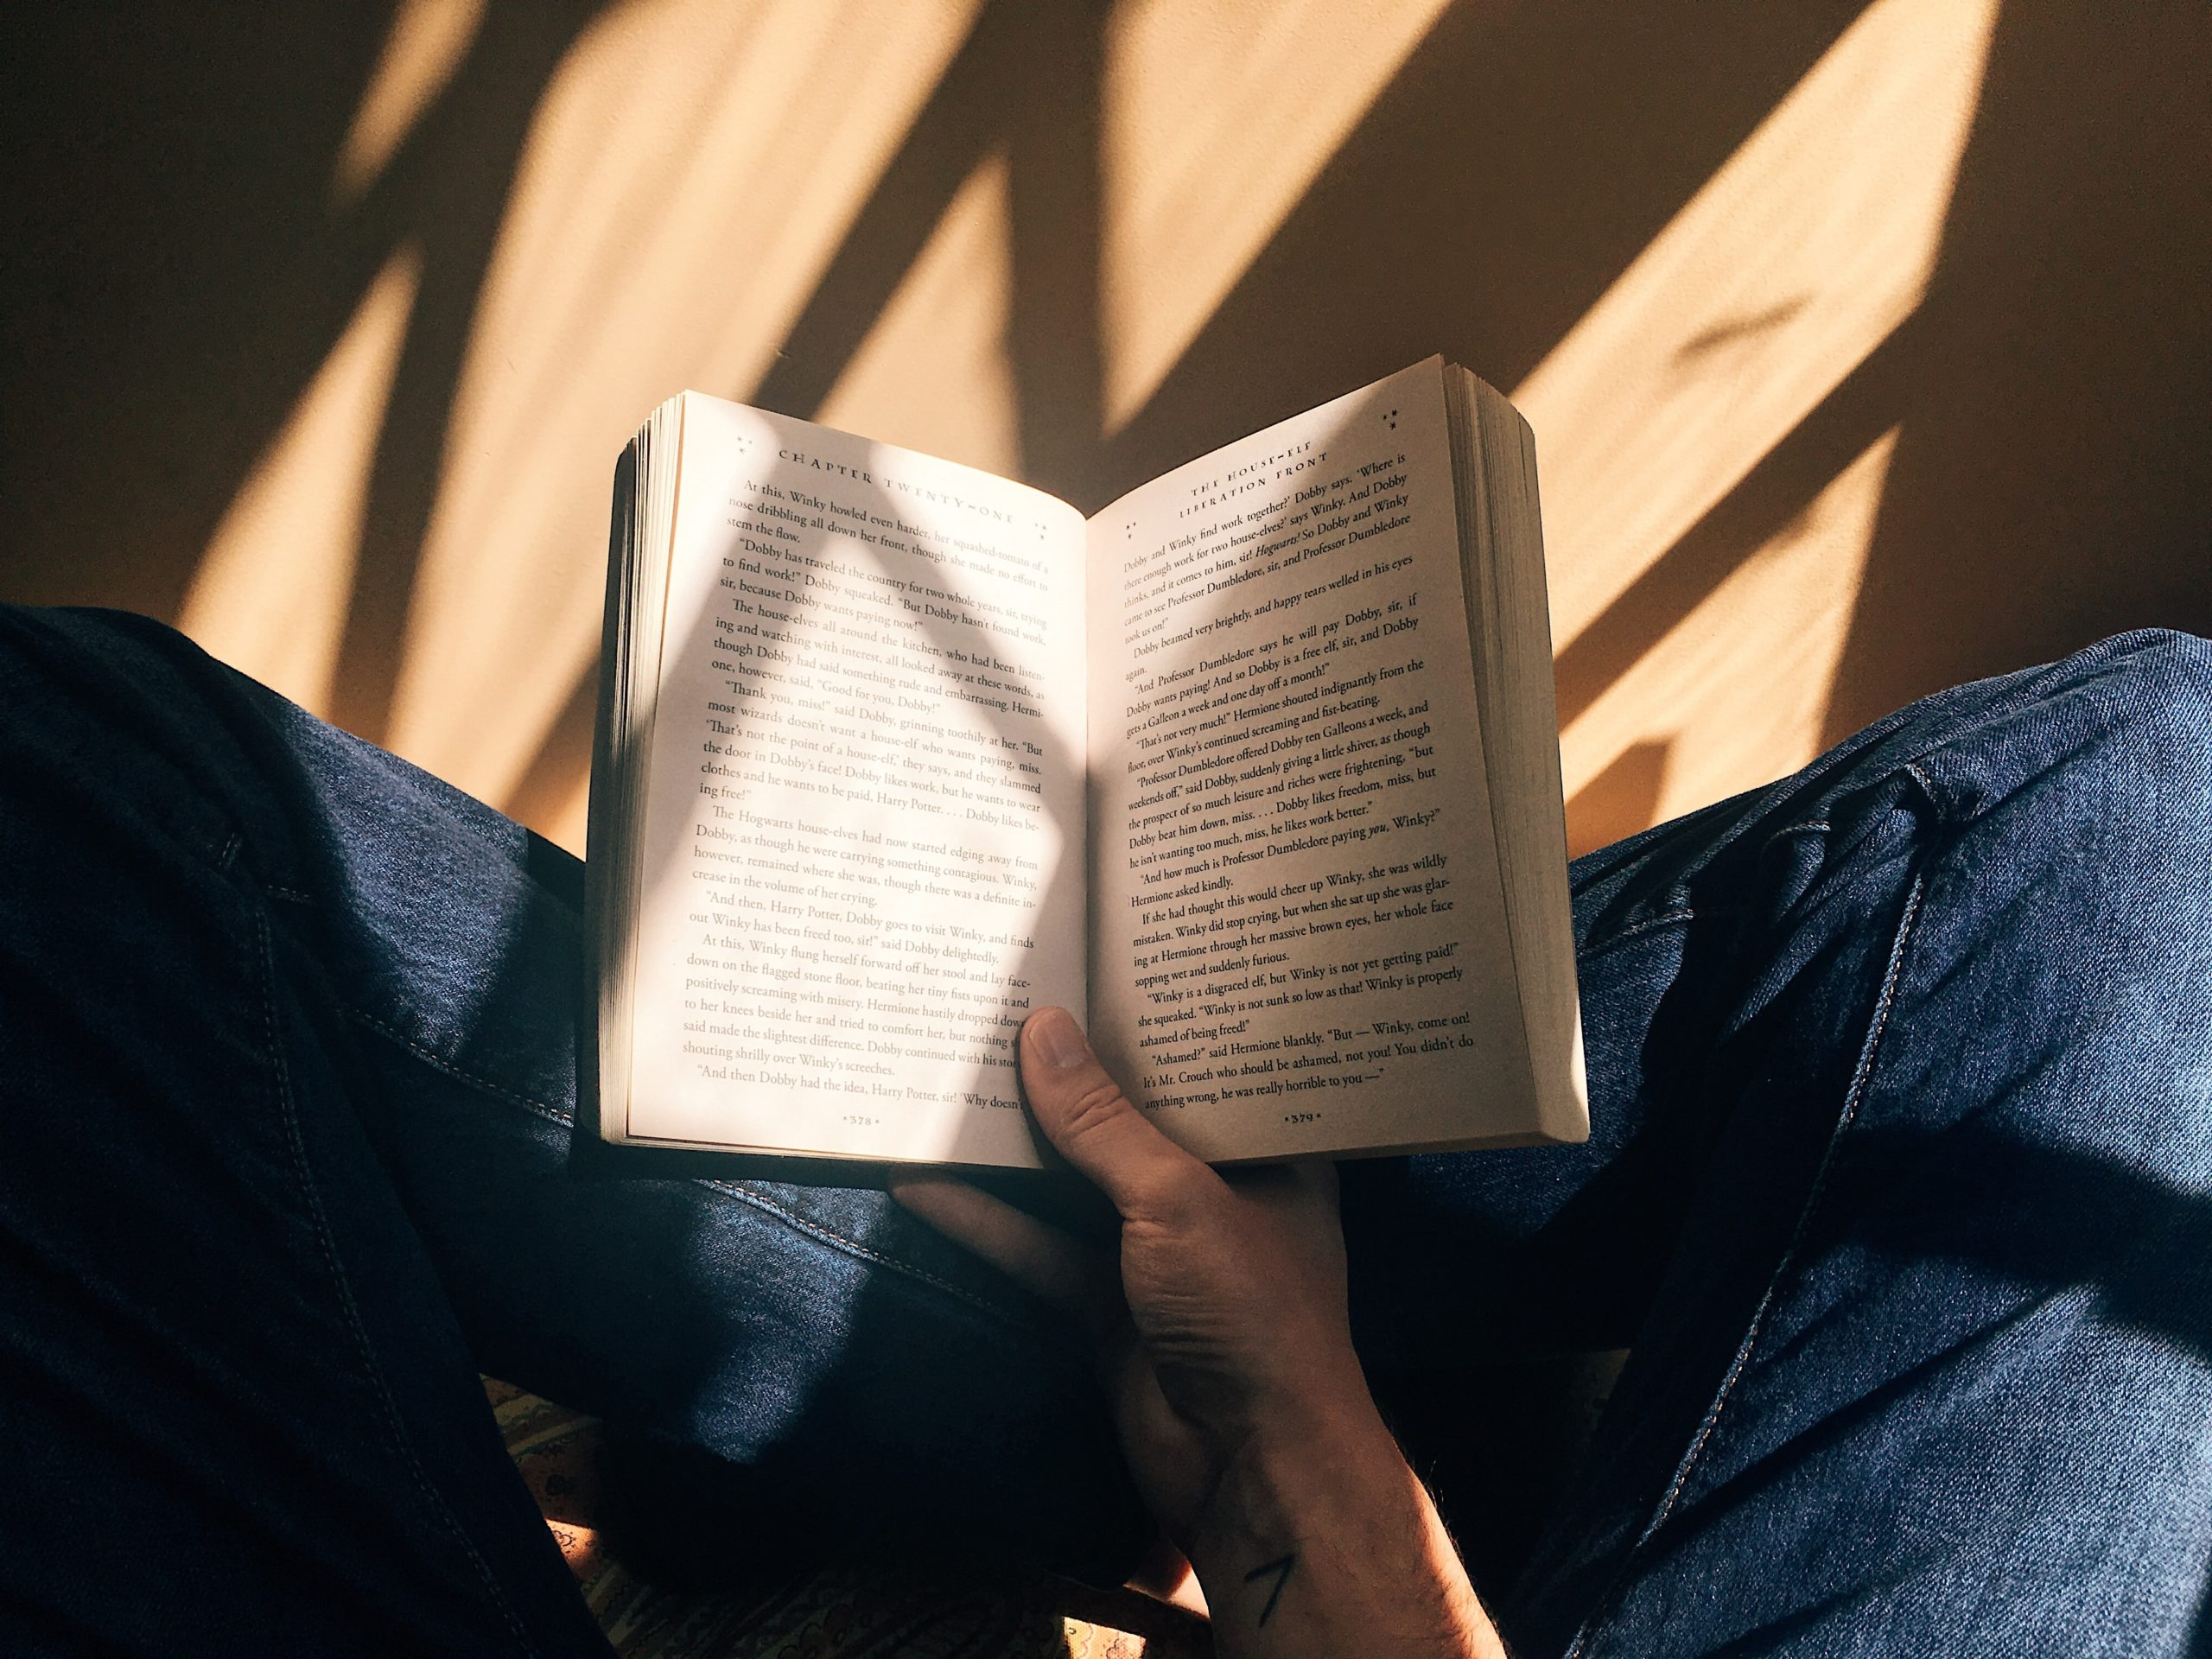 【英語の精読】精読の効果と実際の勉強方法を画像付きで紹介!